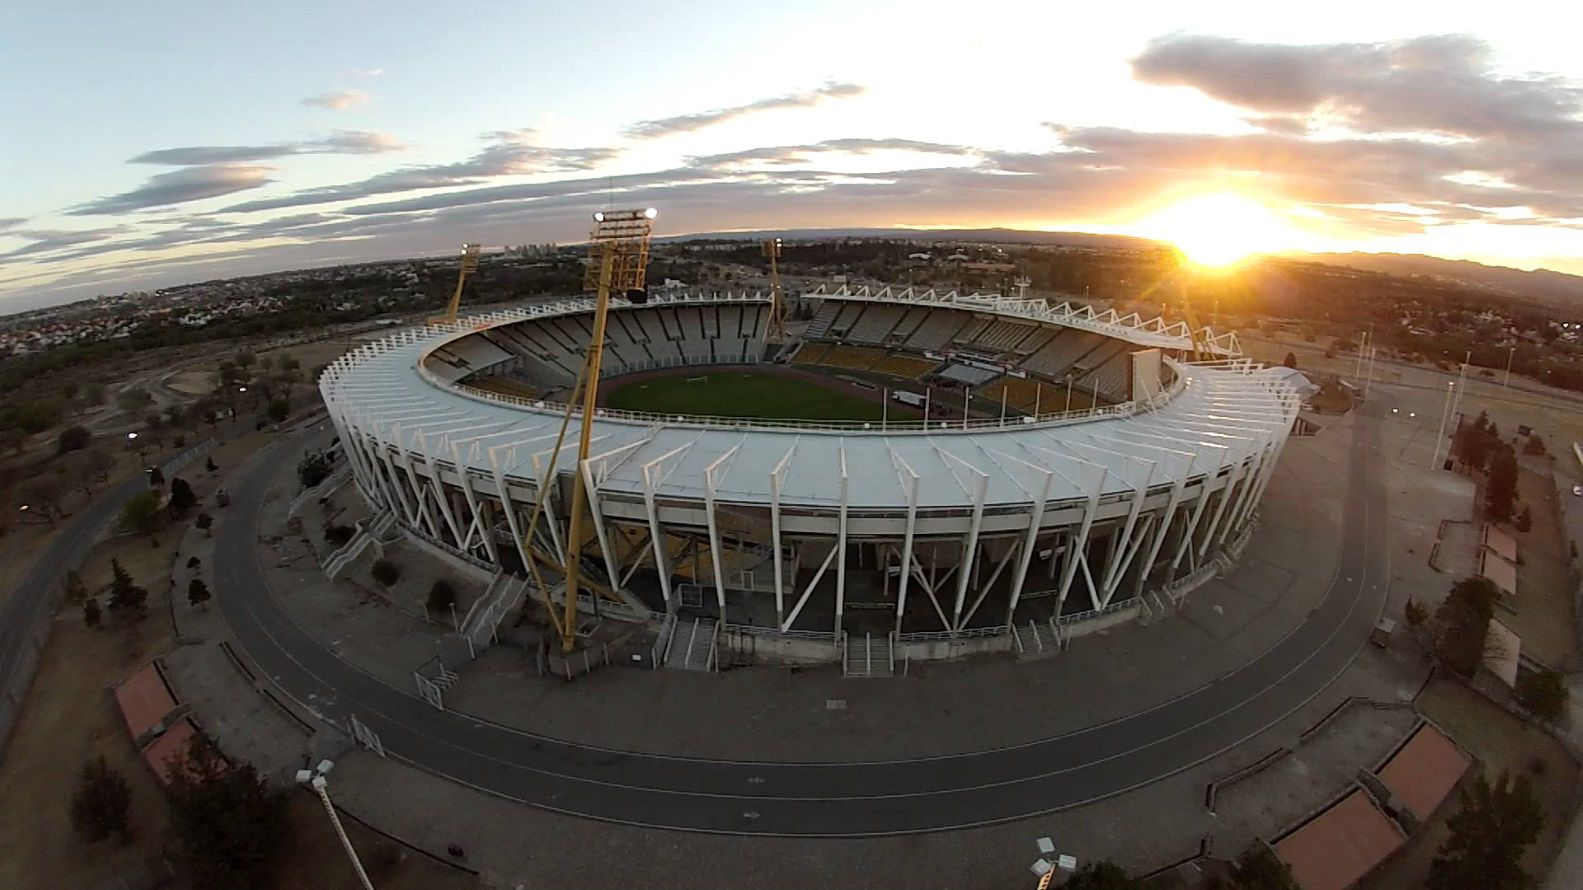 El estadio Mario Alberto Kempes tiene capacidad para 57.000 espectadores y es considerado uno de los mejores de Argentina